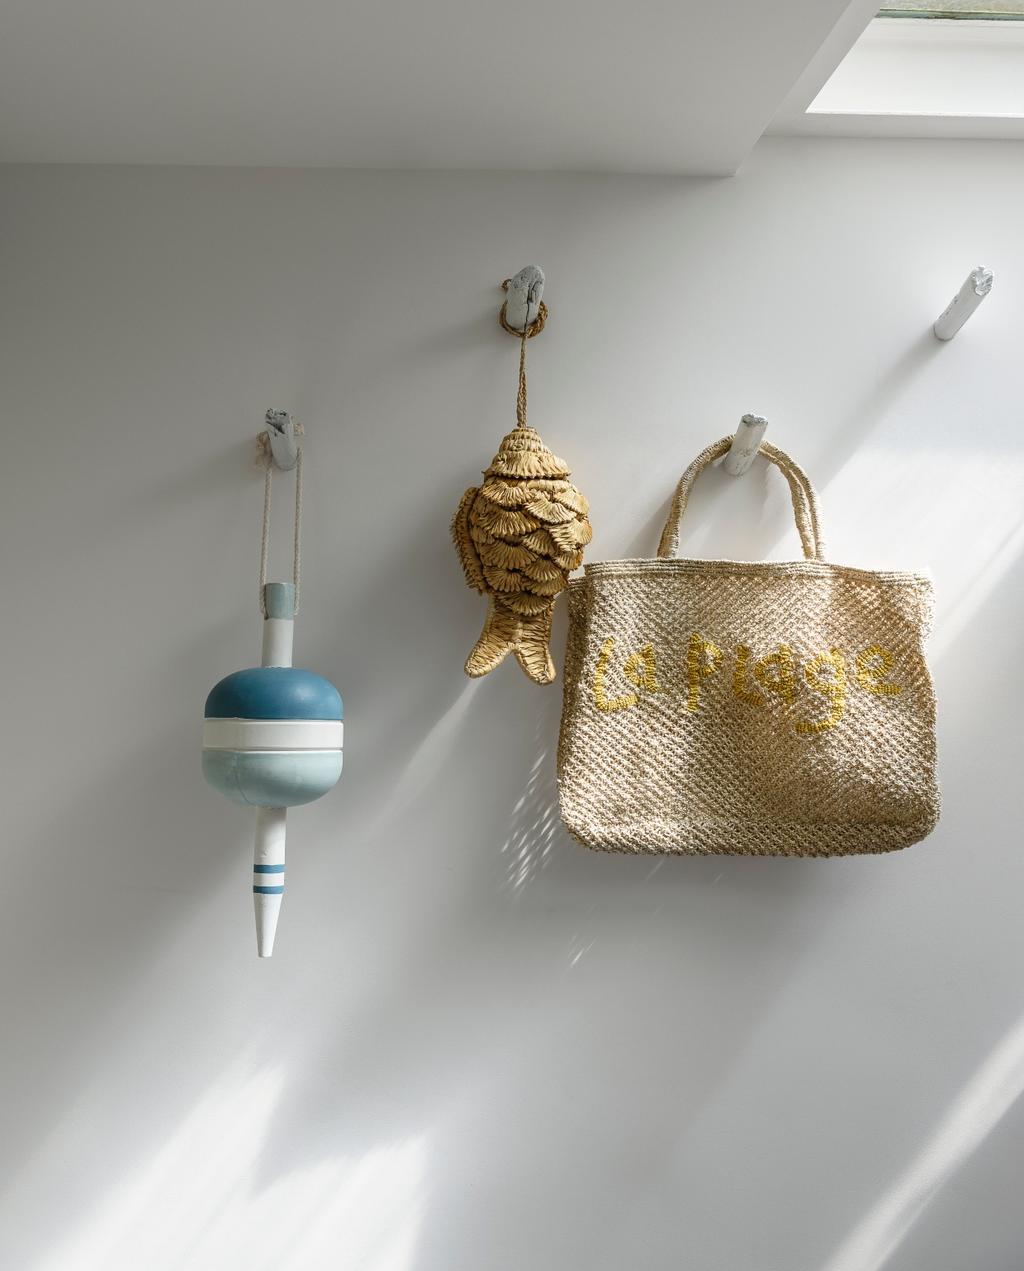 vtwonen 07-2020 | binnenkijken cannes strandhuis rieten accessoires aan de muur